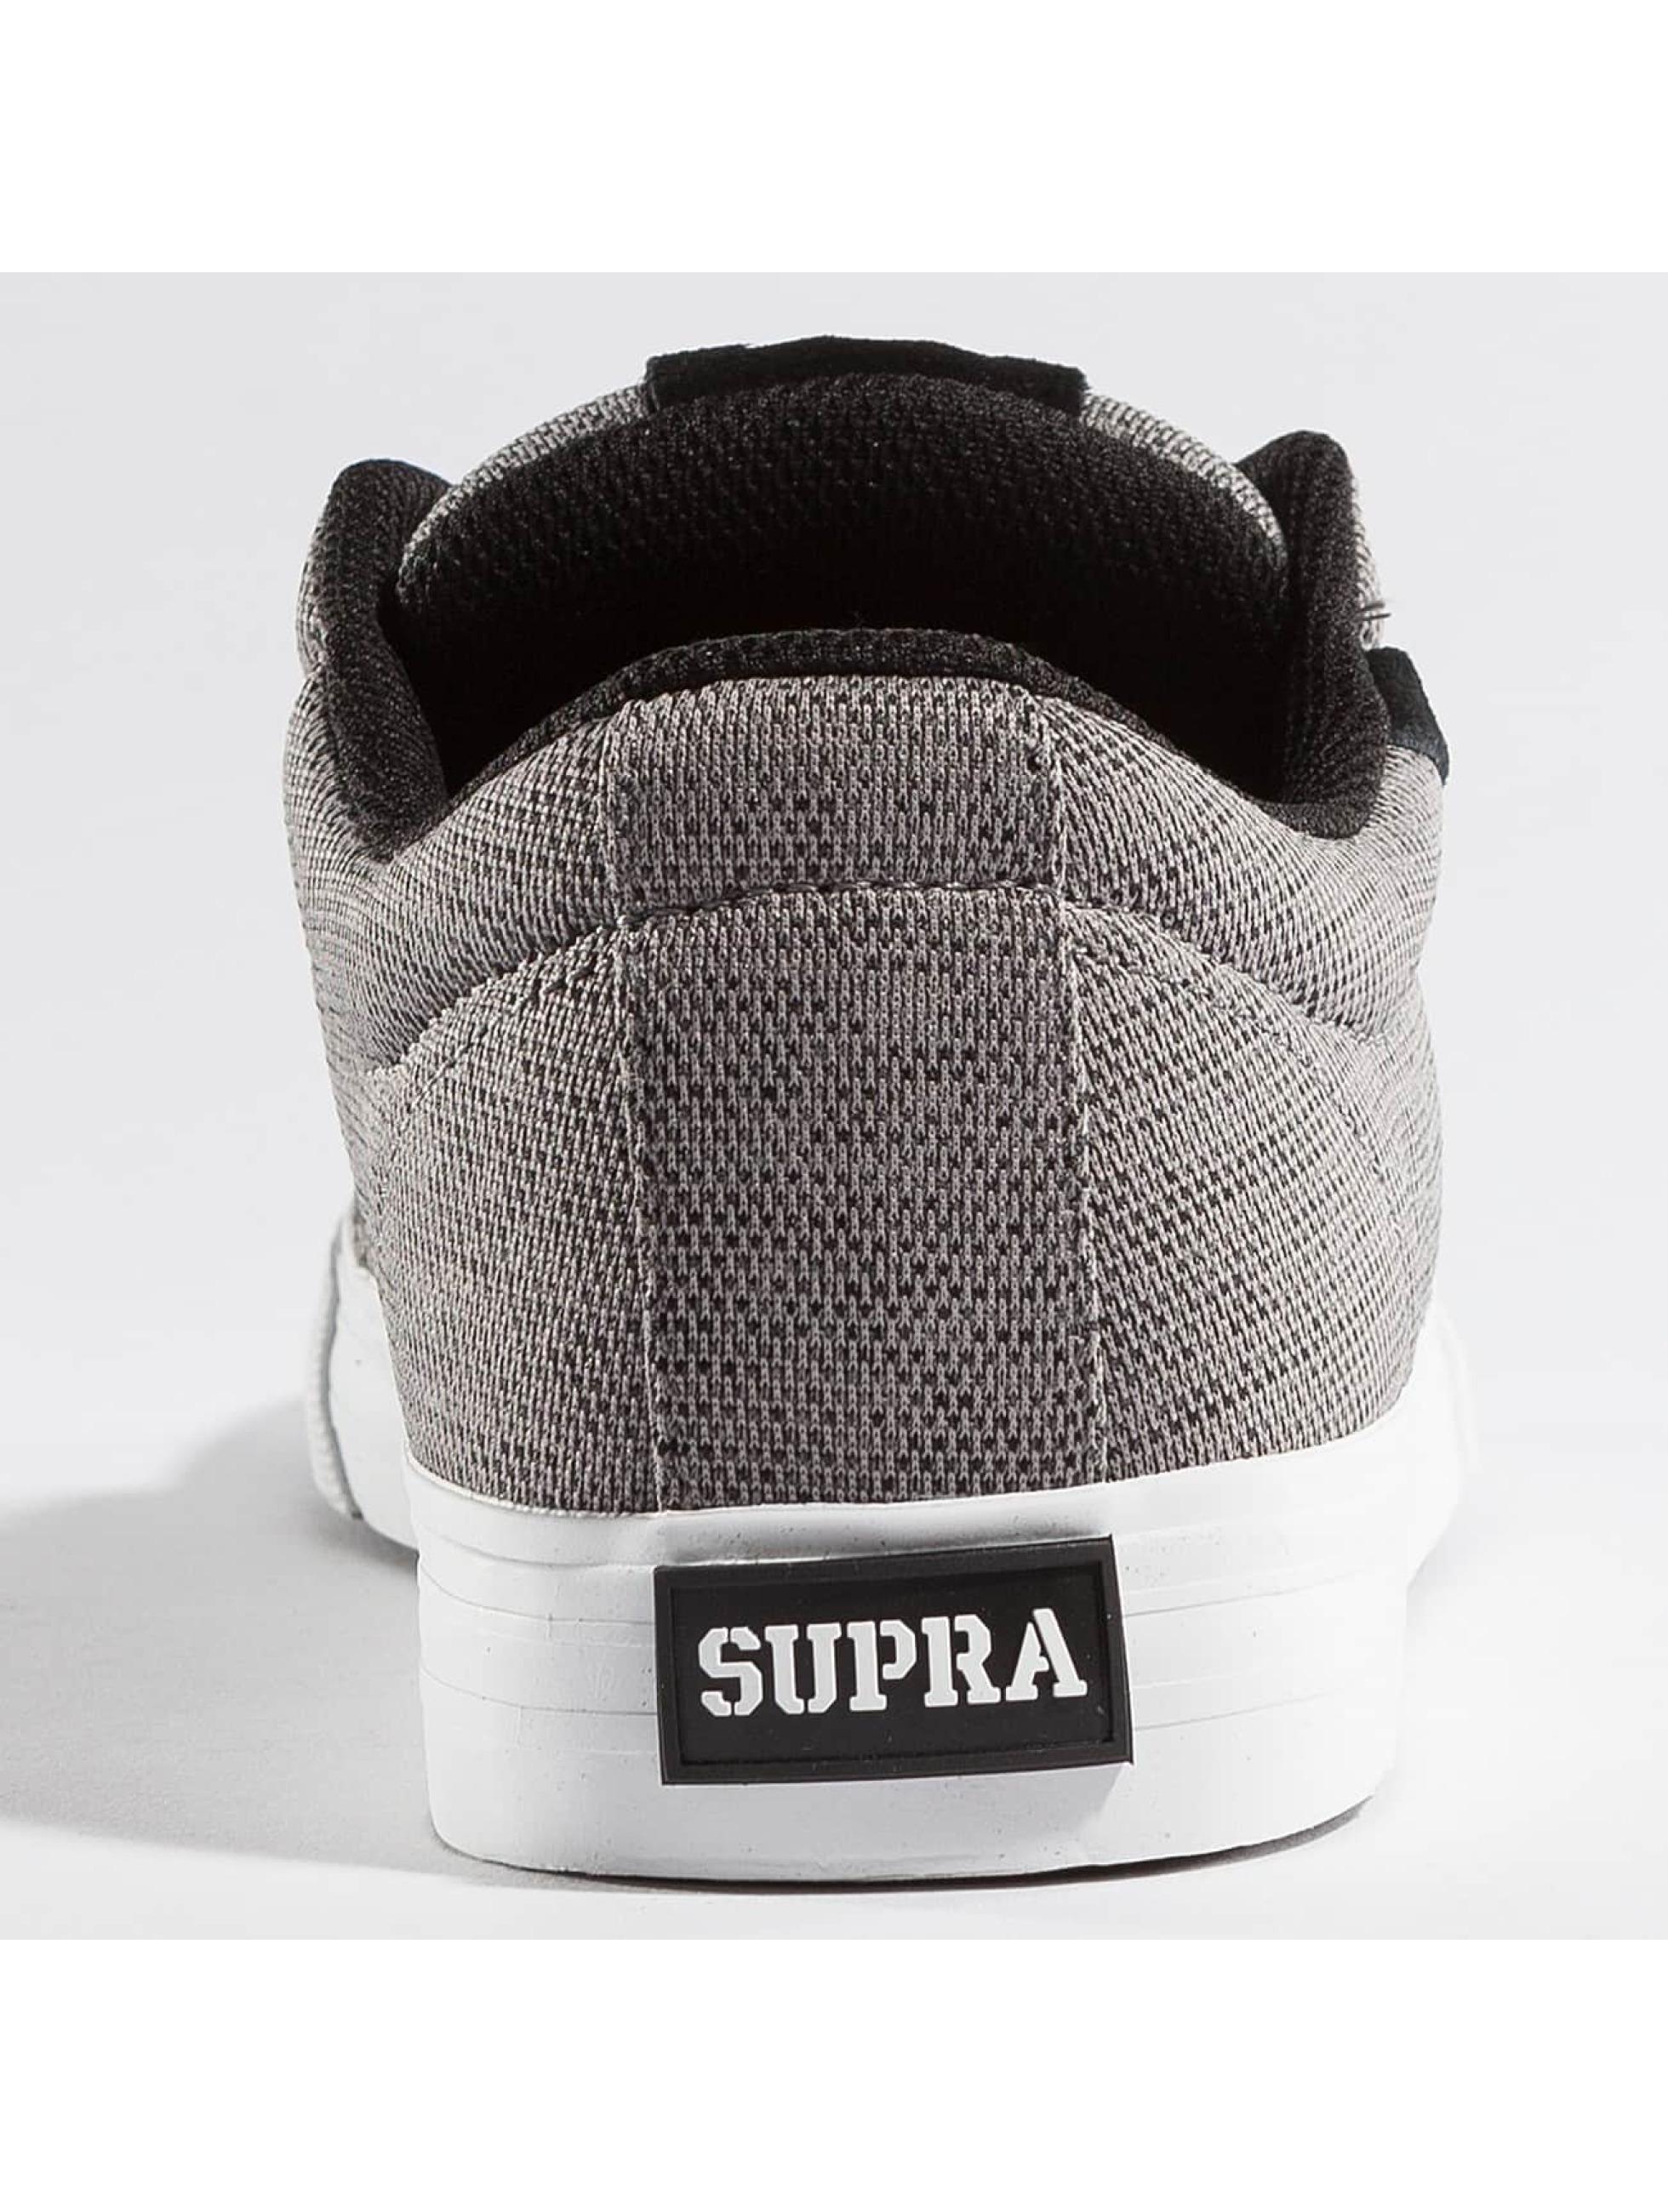 Supra Sneakers Stacks Vulc II gray